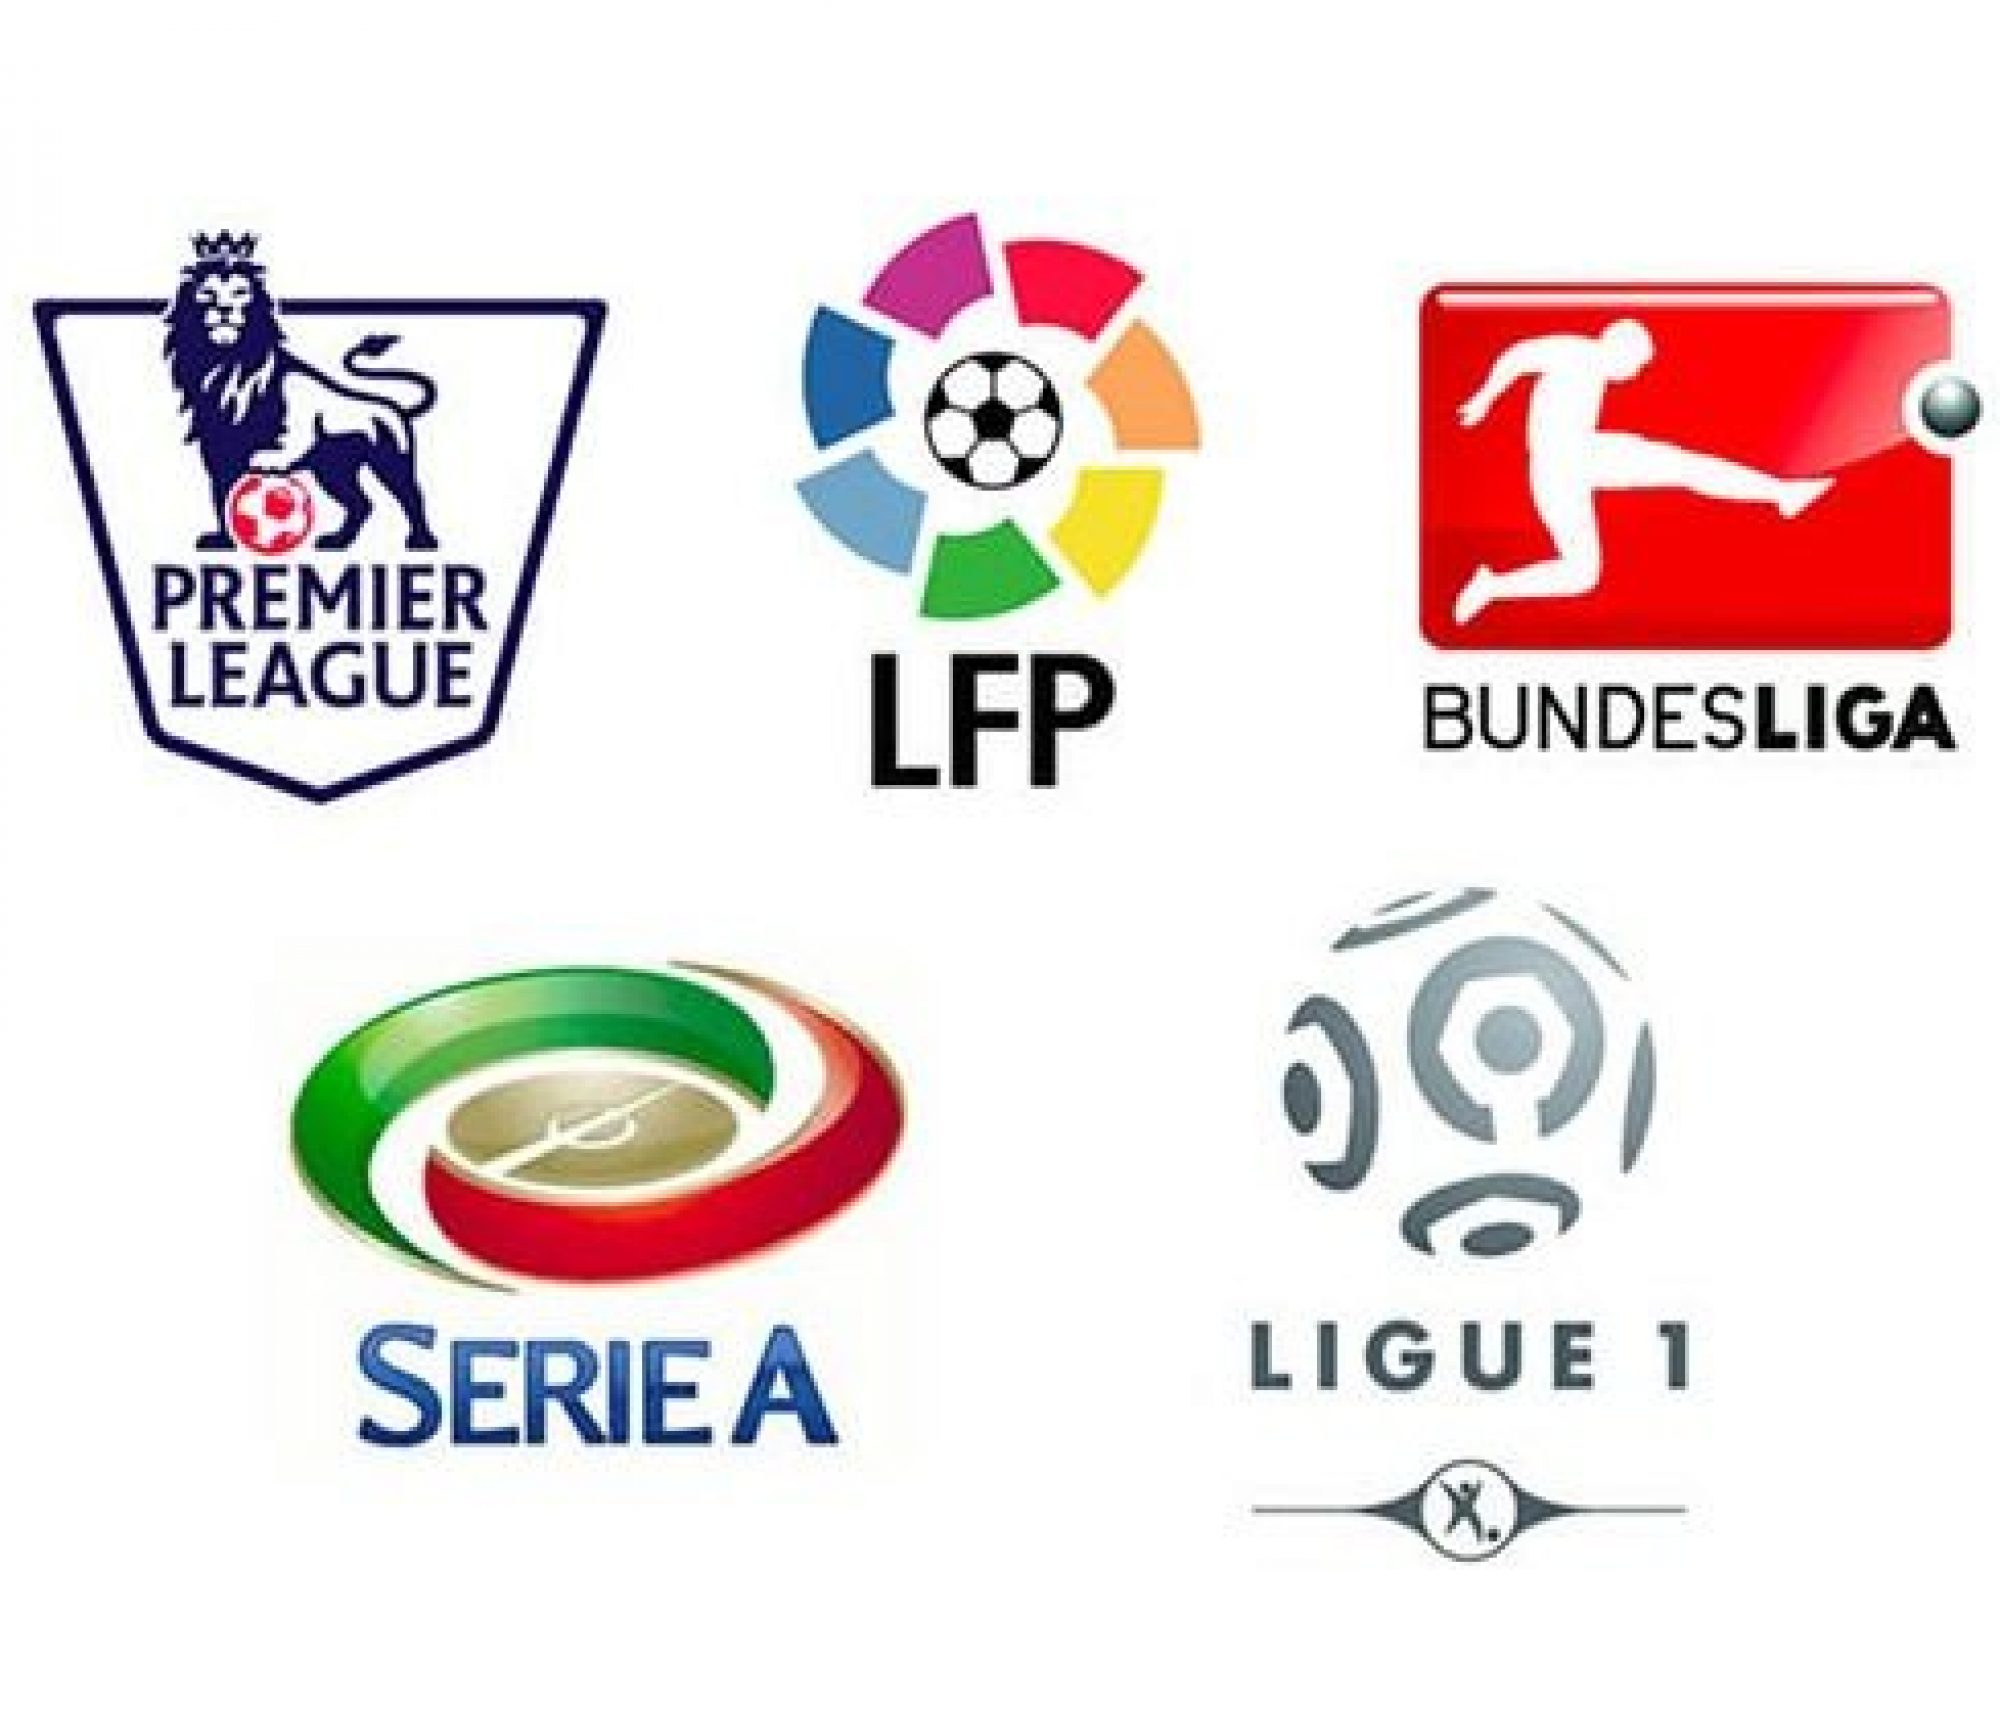 sportfreunde.biz